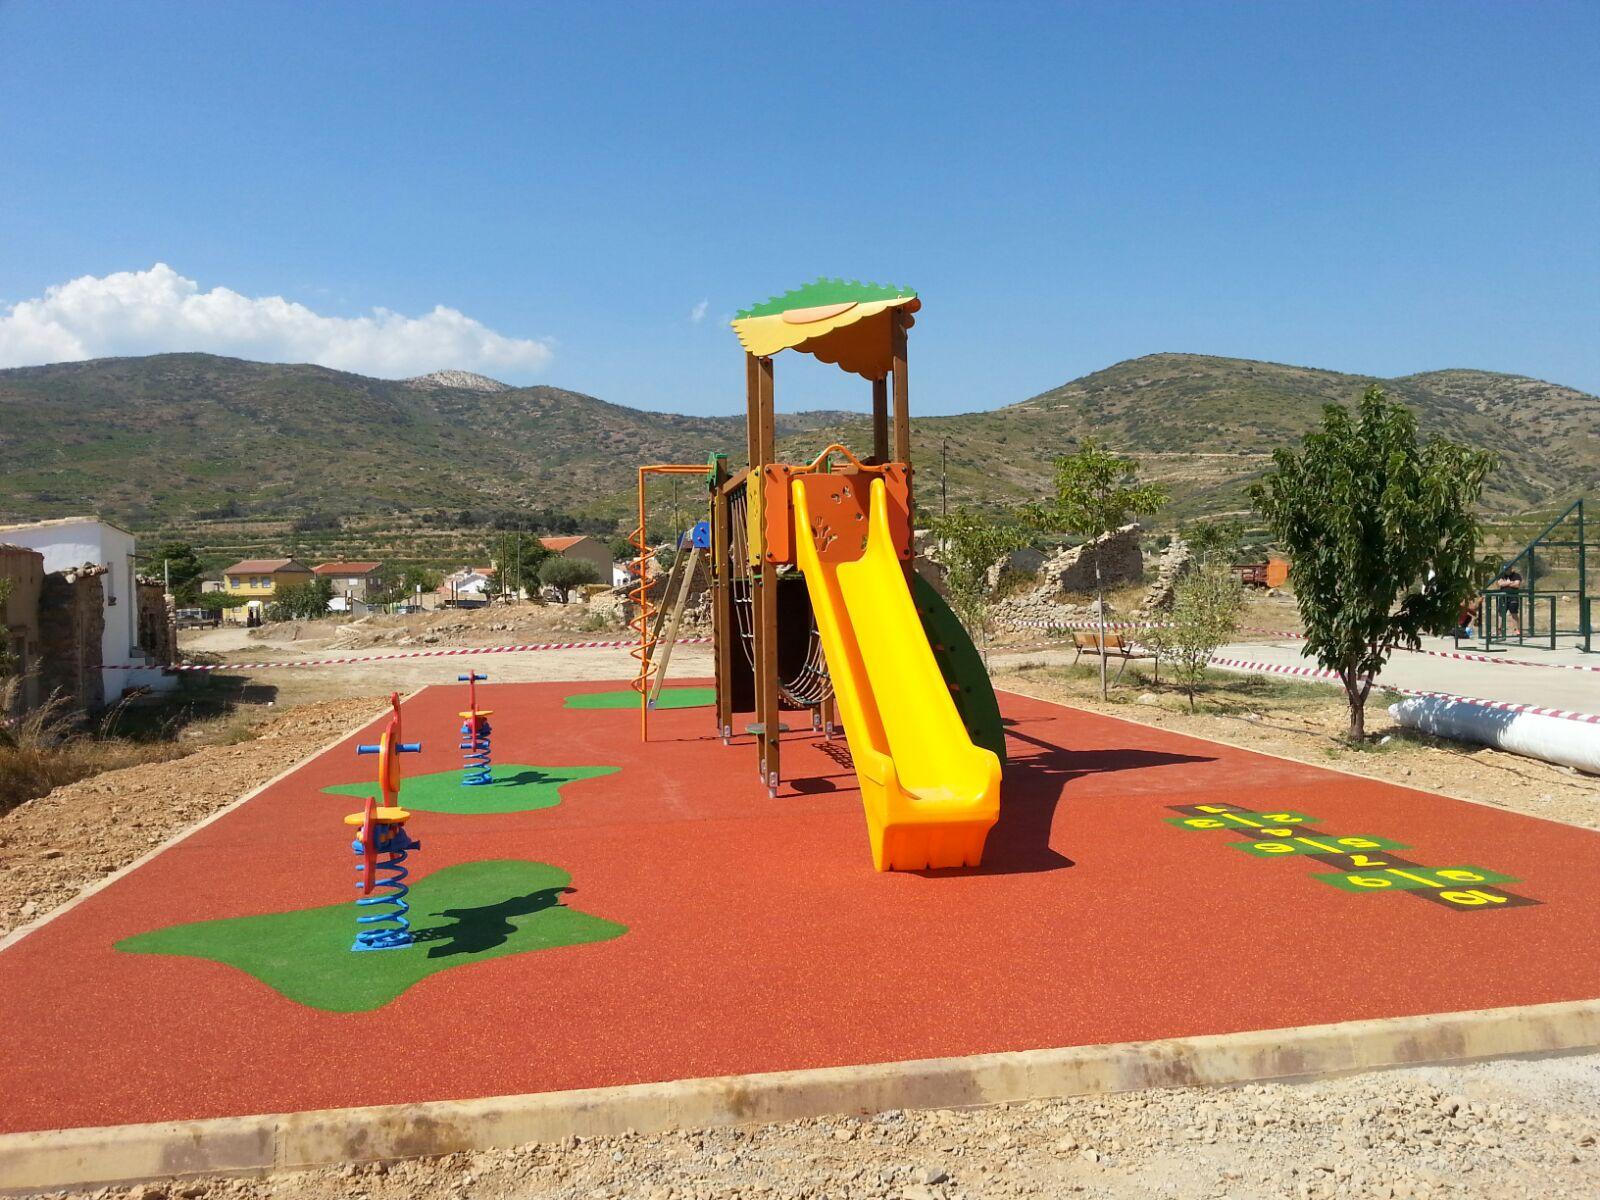 Juegos infantiles y suelo continuo en Andilla